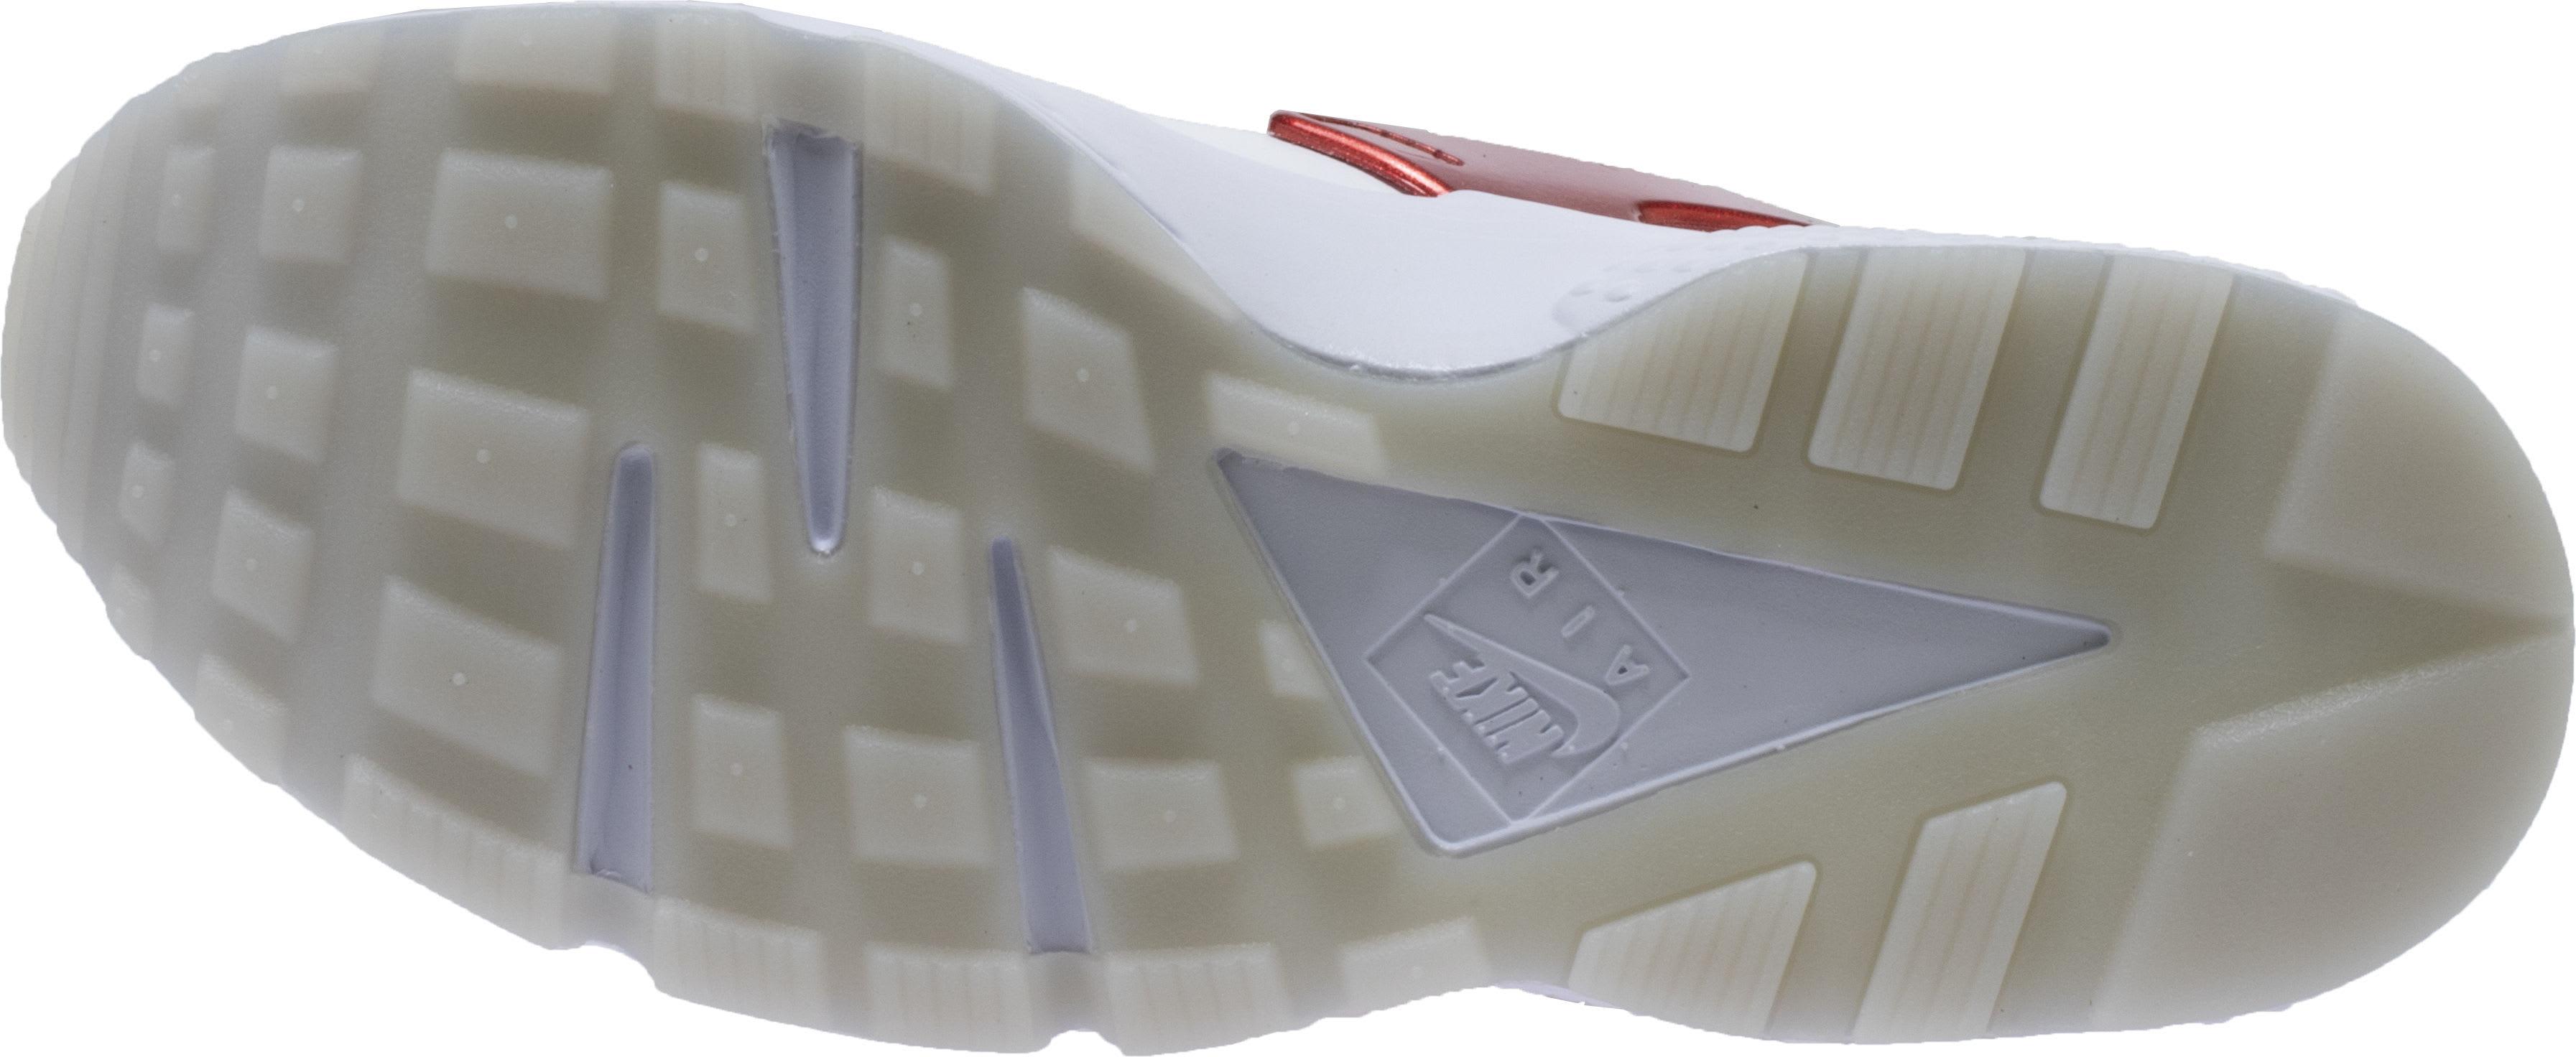 1a6f1a97e0a5b Image via Shoe Palace Shoe Palace x Nike Air Huarache White Red Platinum   Joonbug  AJ5578-